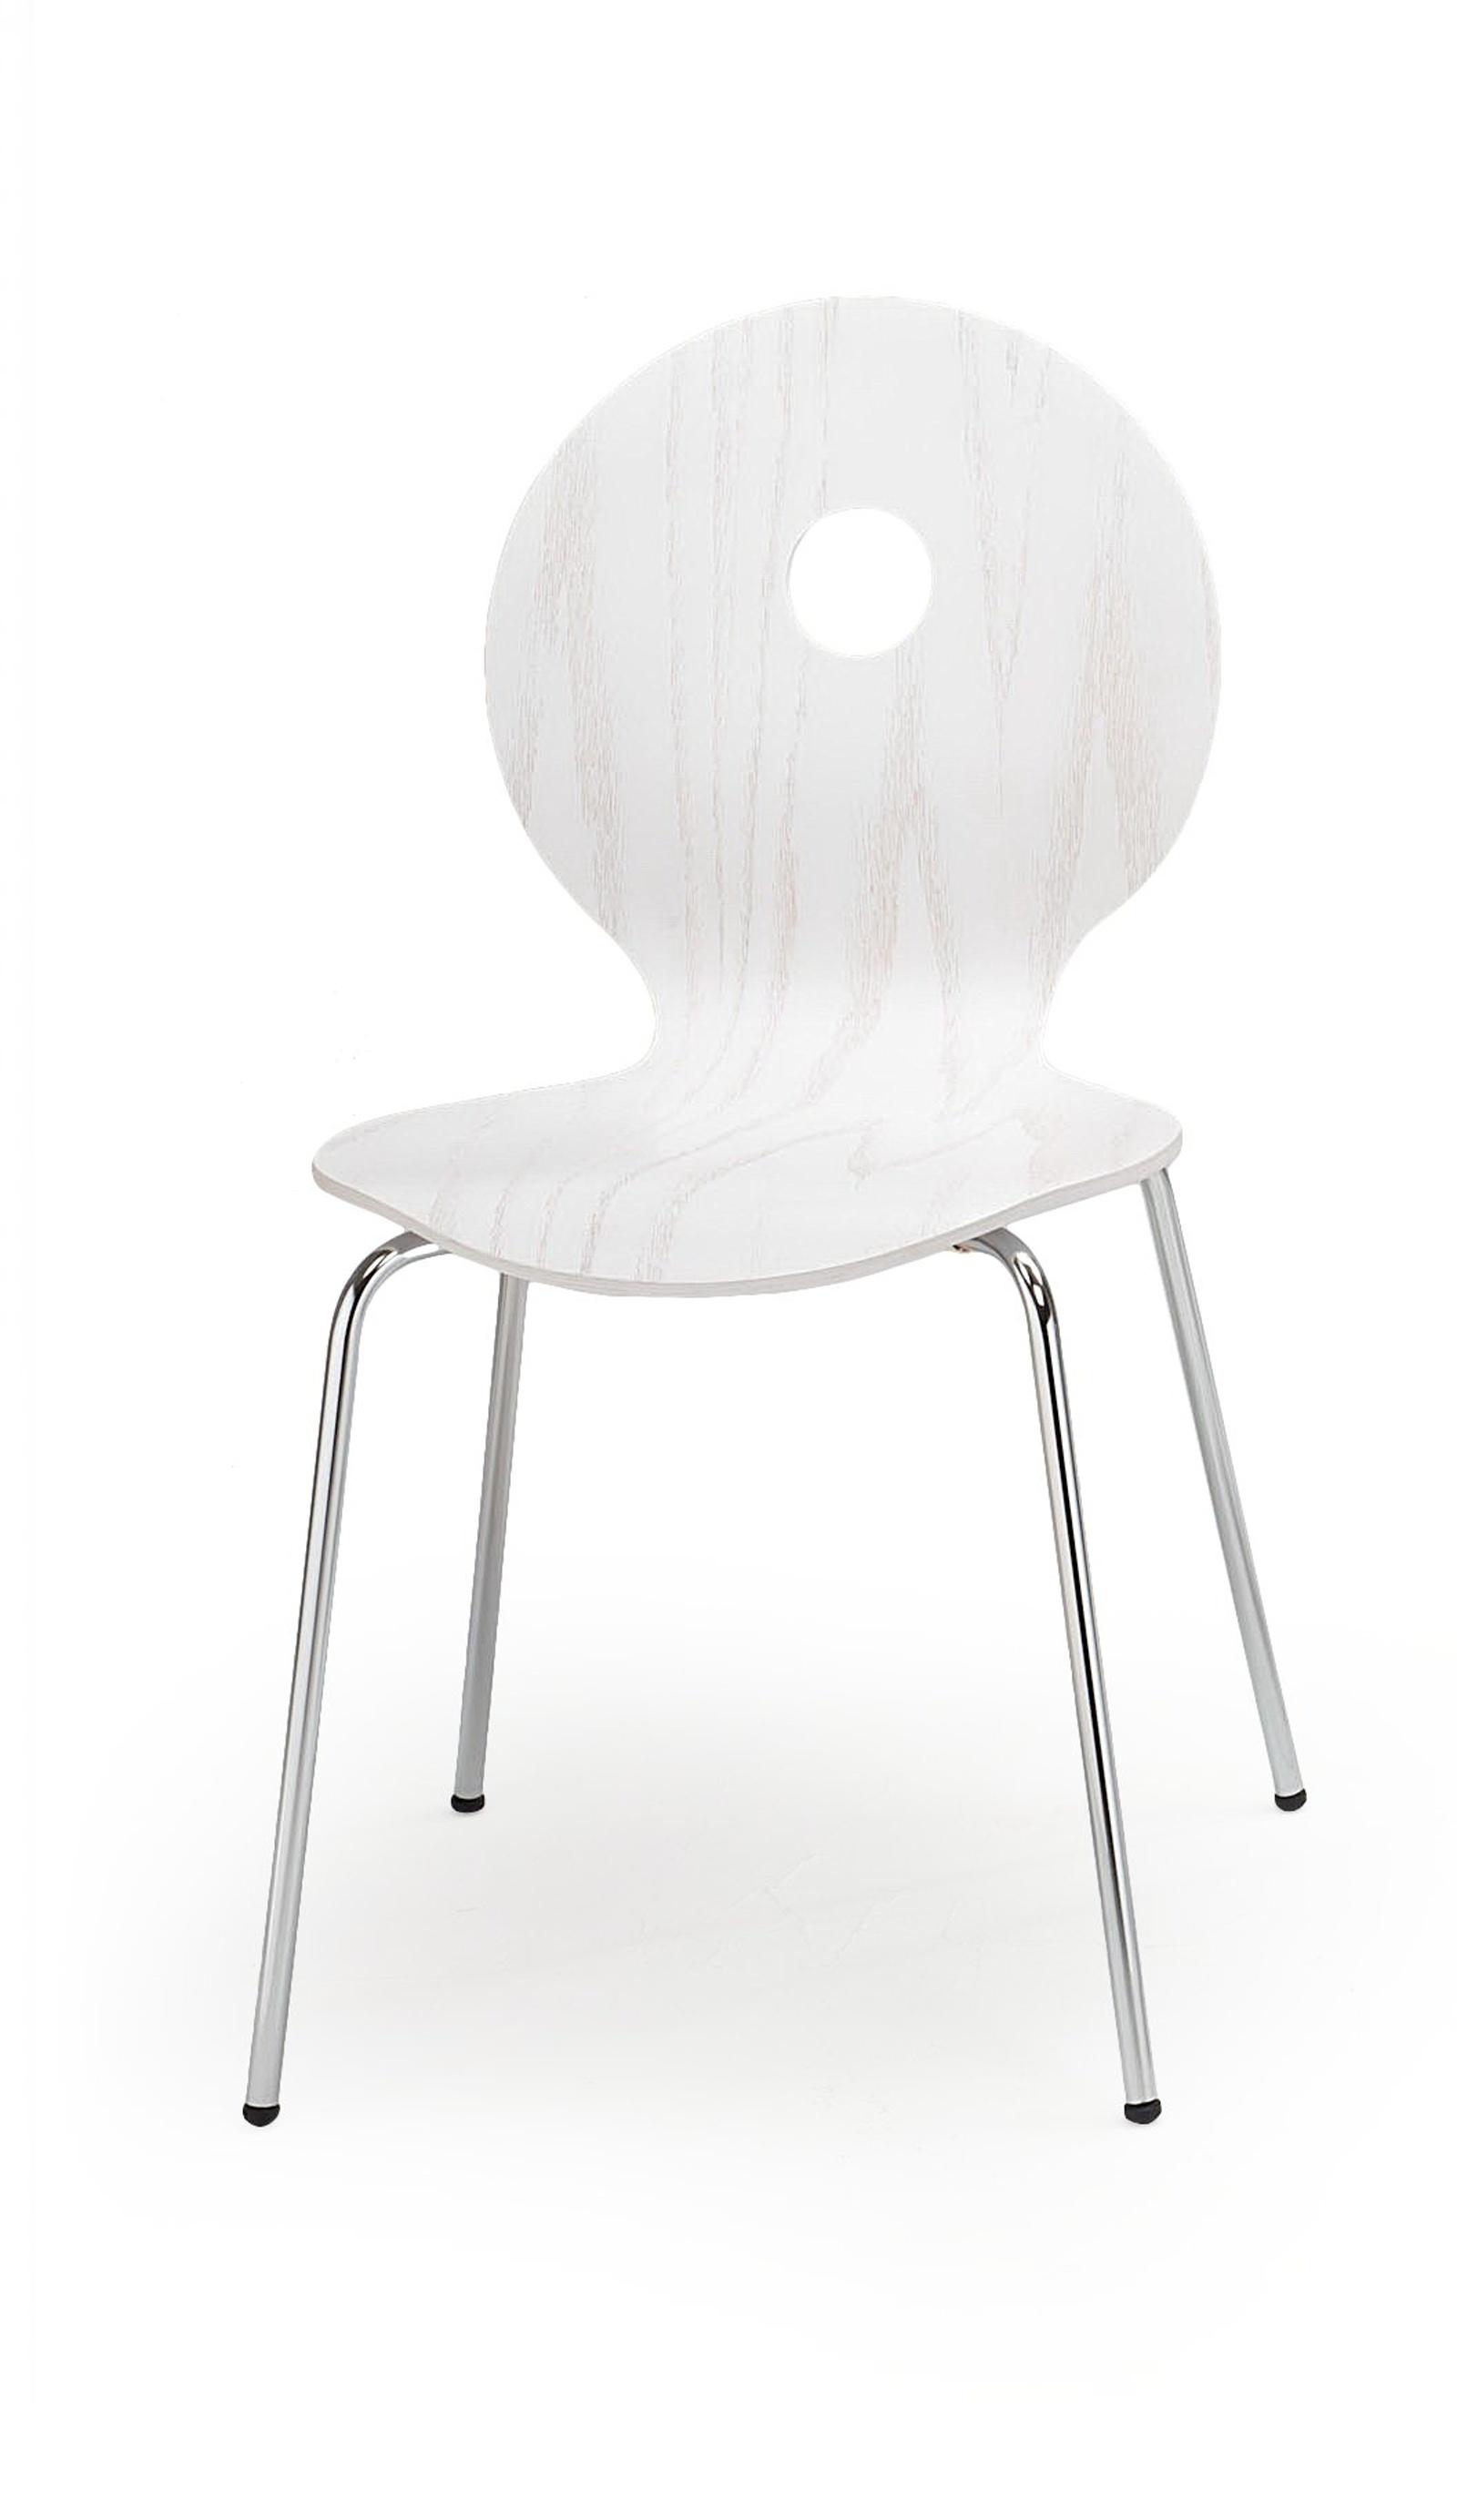 Jídelní židle K233, bílá